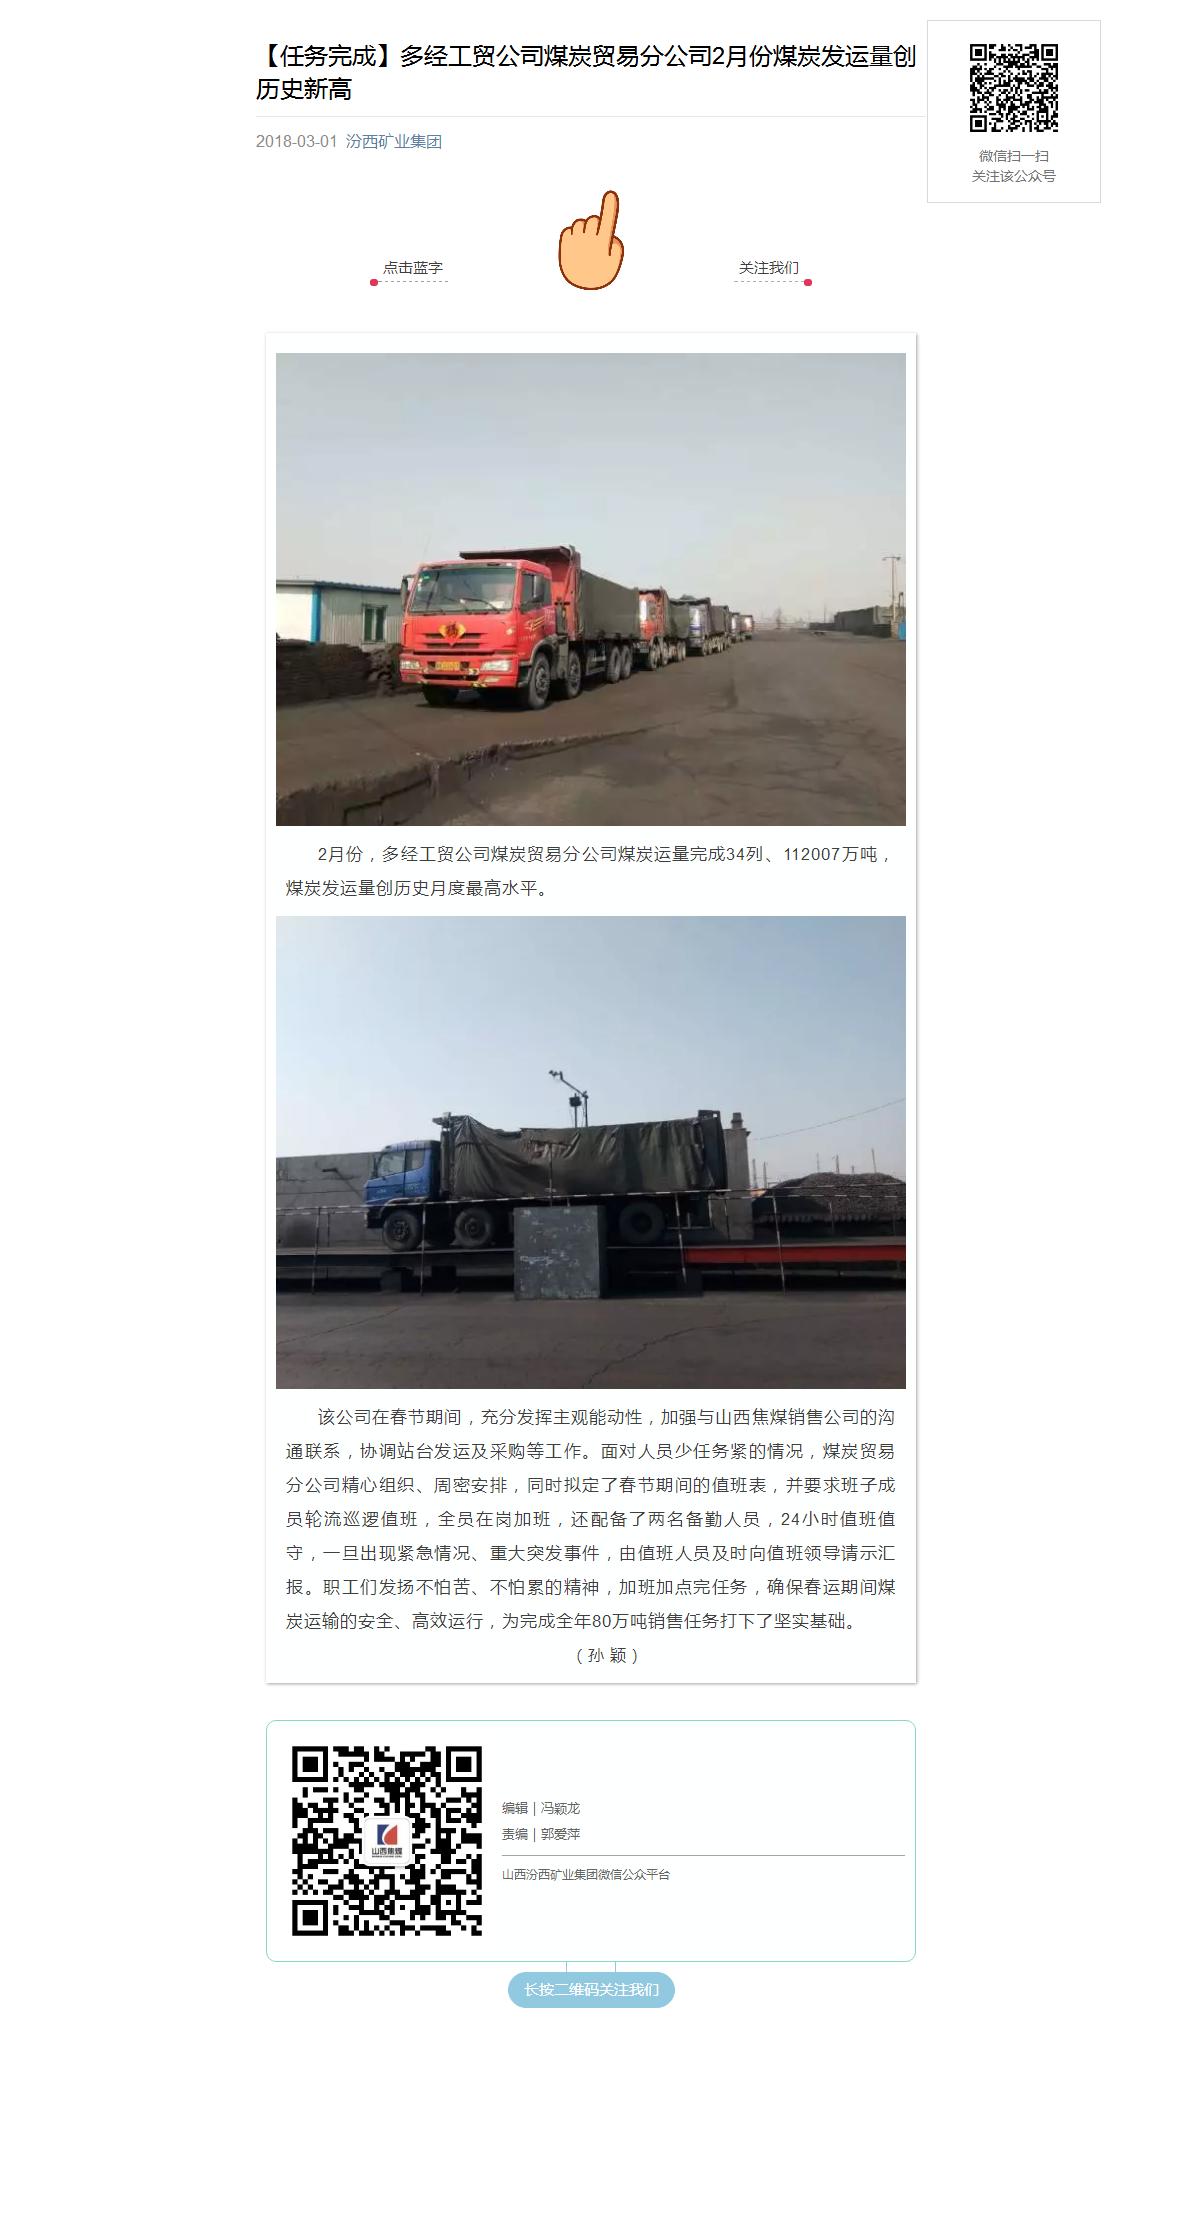 【任务完成】多经工贸公司煤炭贸易分公司2月份煤炭发运量创历史新高.png